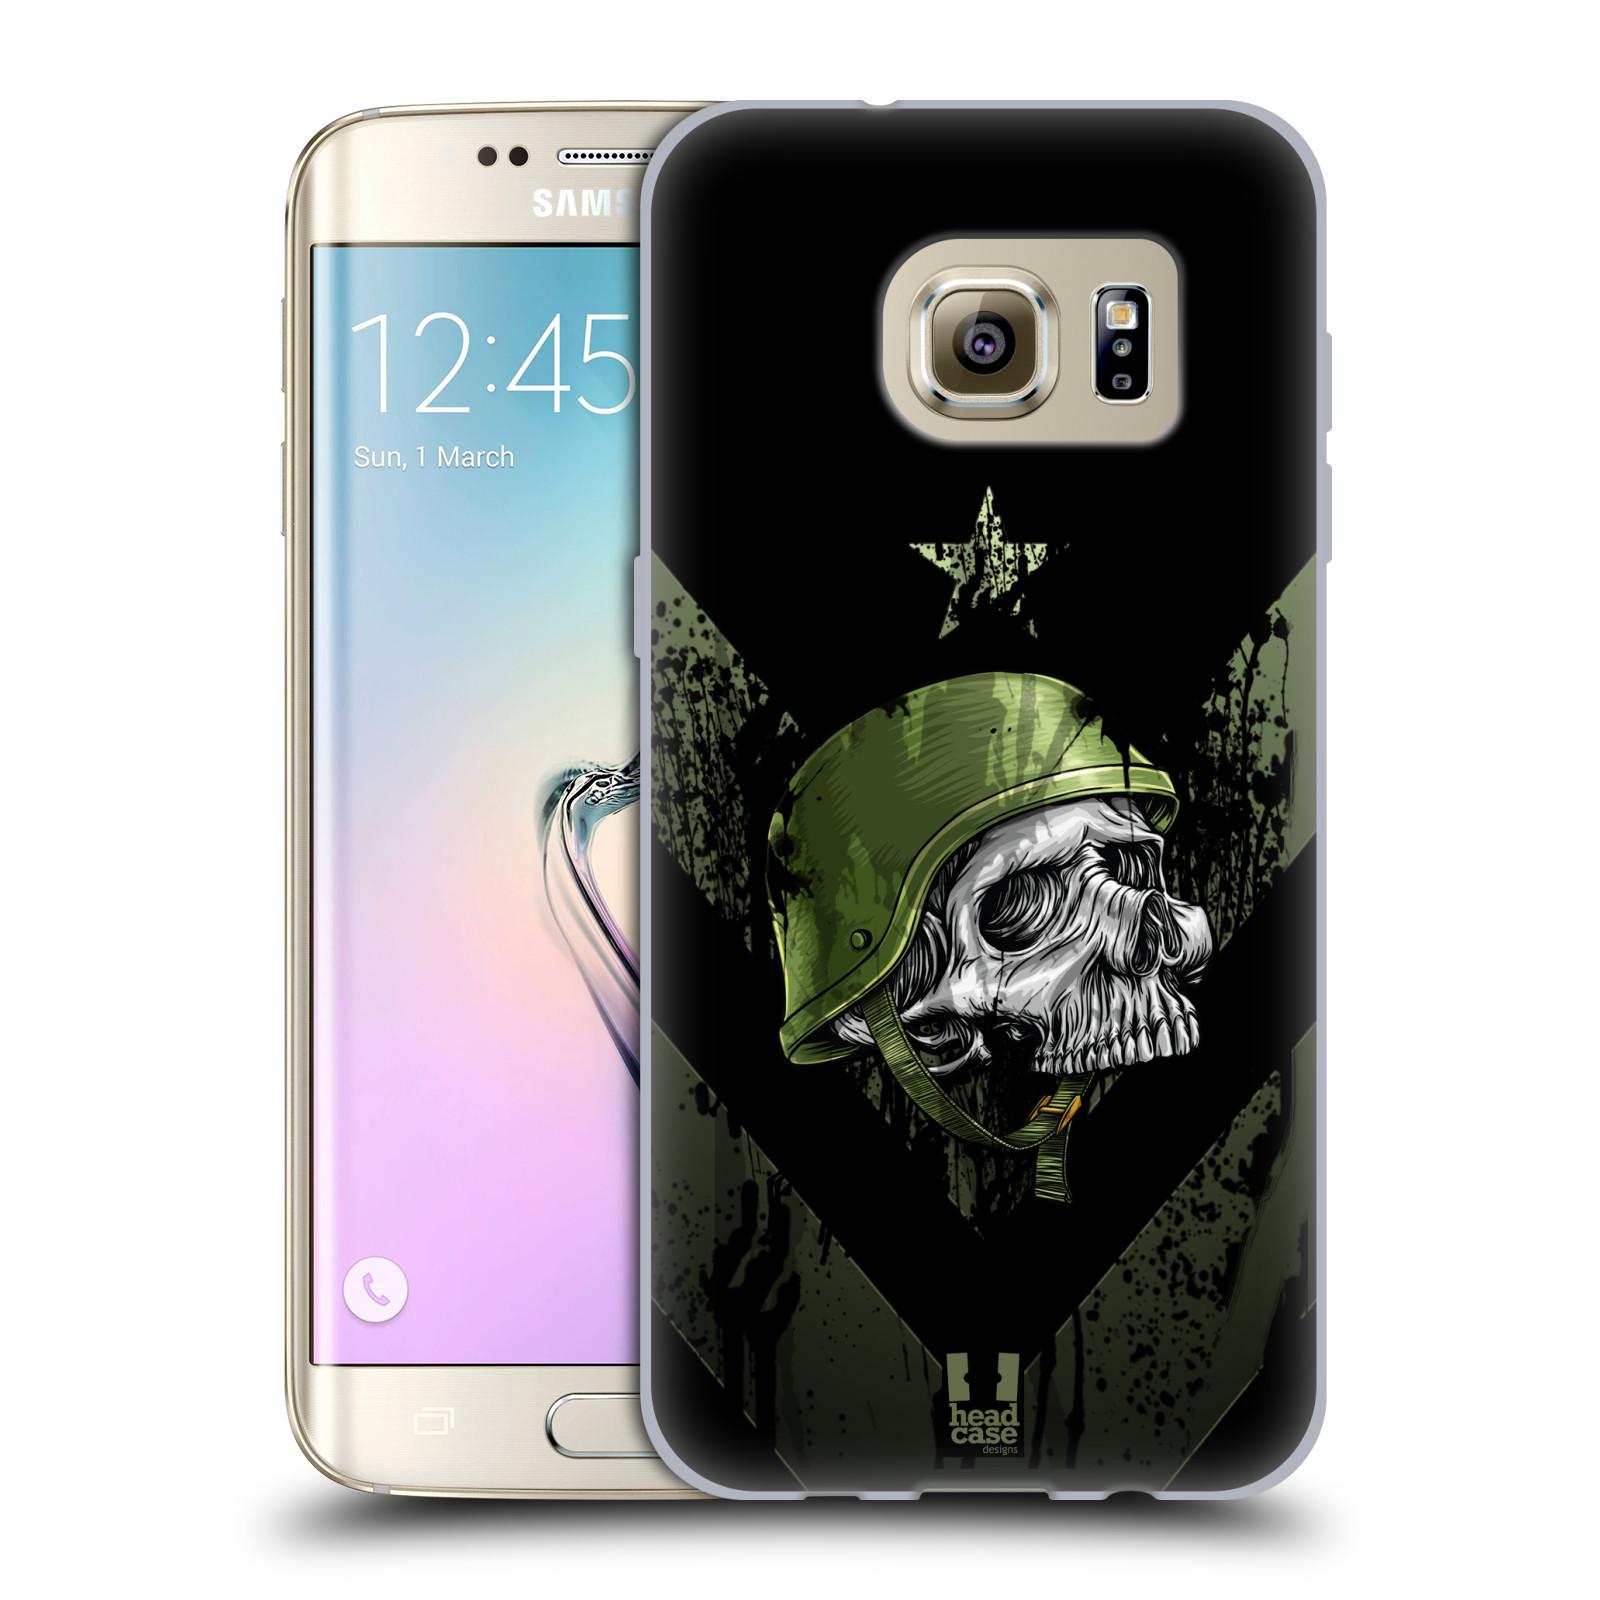 Silikonové pouzdro na mobil Samsung Galaxy S7 Edge HEAD CASE LEBKA ONE MAN (Silikonový kryt či obal na mobilní telefon Samsung Galaxy S7 Edge SM-G935F)